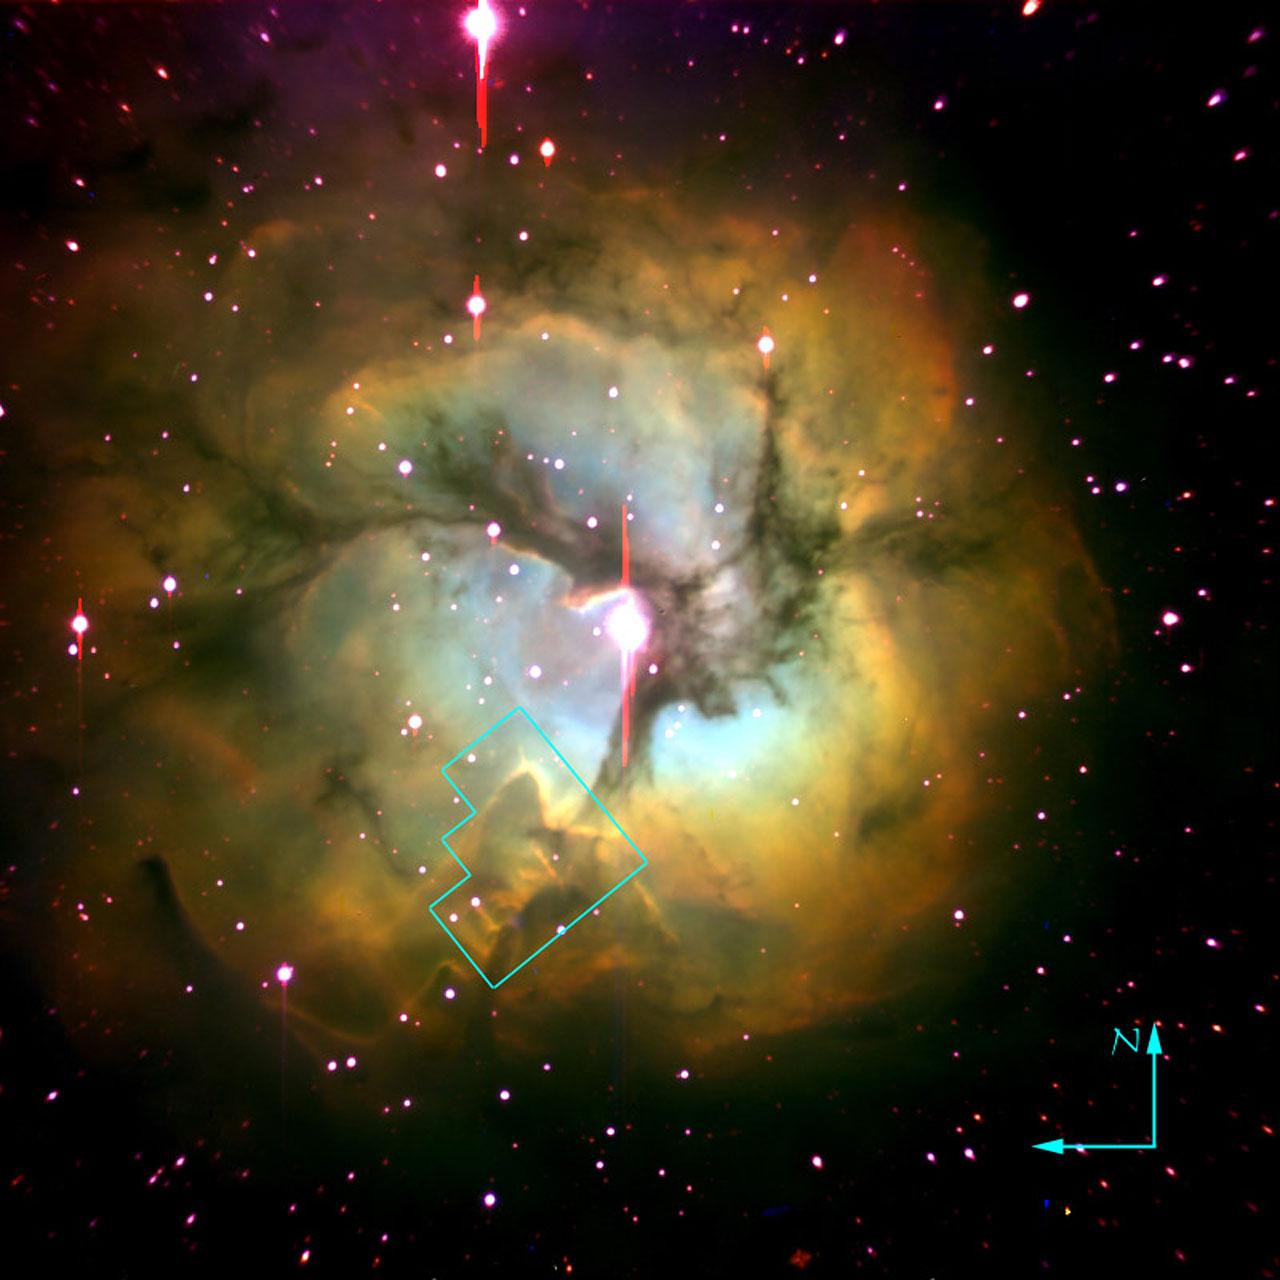 Trifid Nebula (ground-based image)